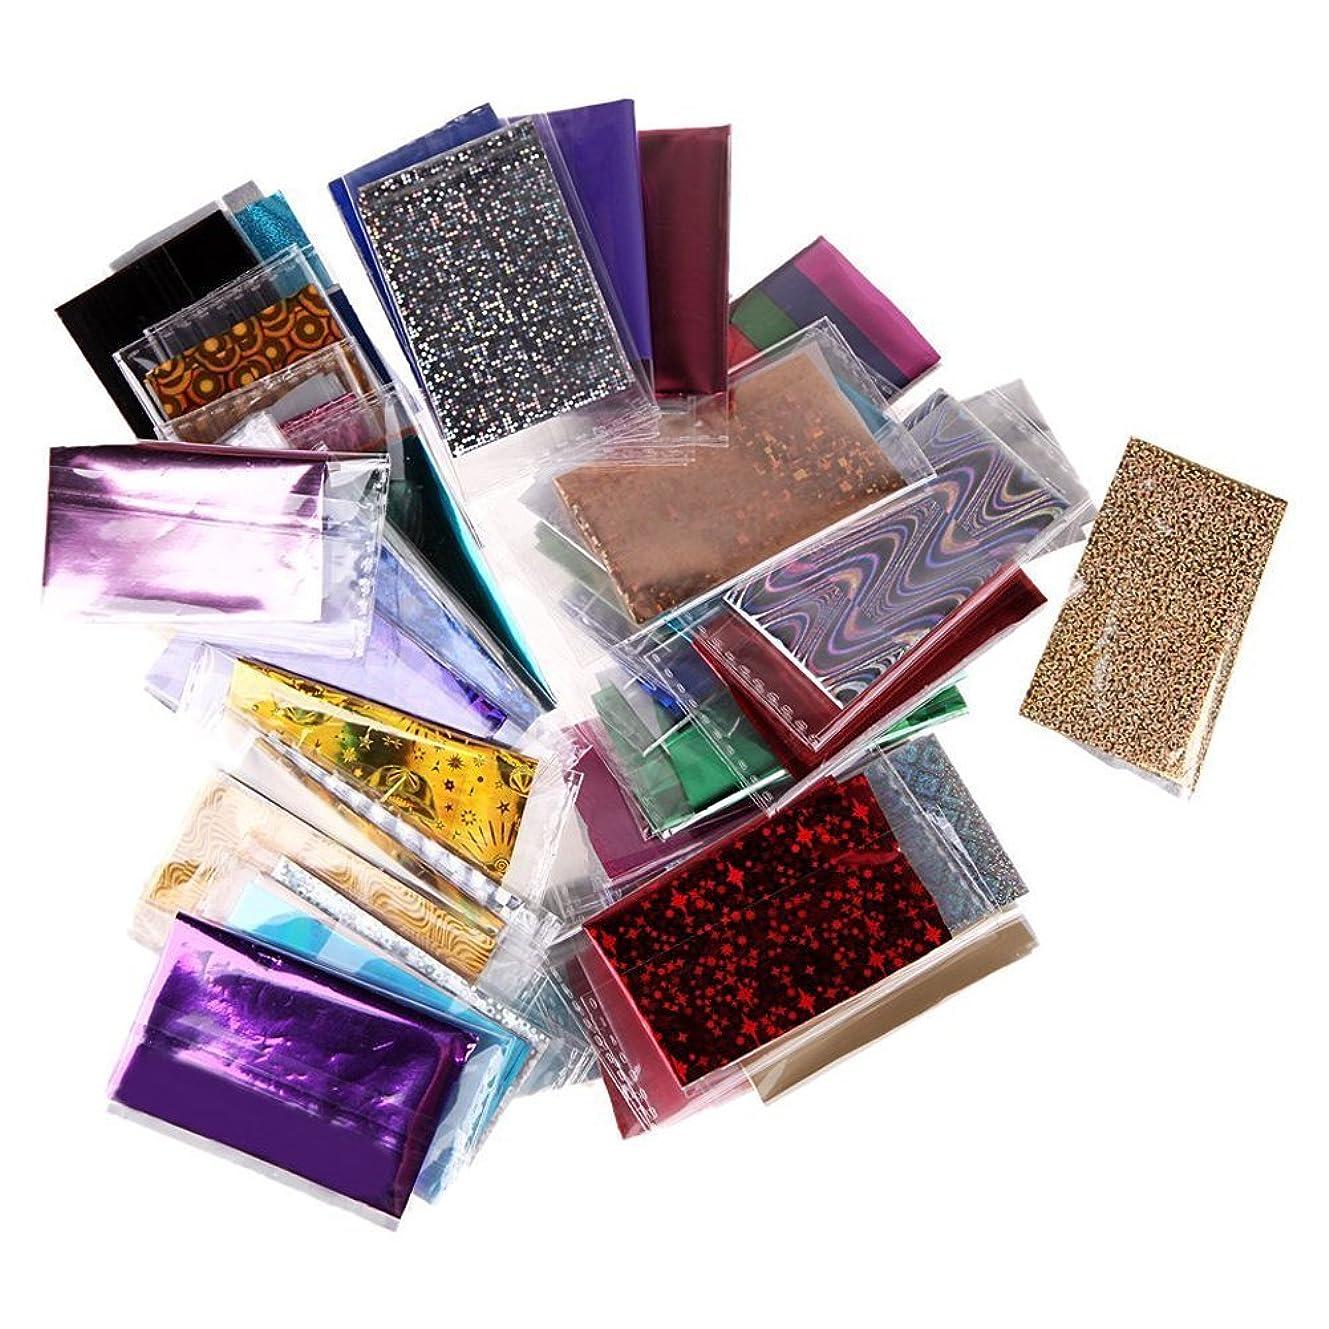 異形区別箱SODIAL 50xランダムな色のフォイルギャラクシーネイルステッカーペーパー キラキラする装飾アイテム